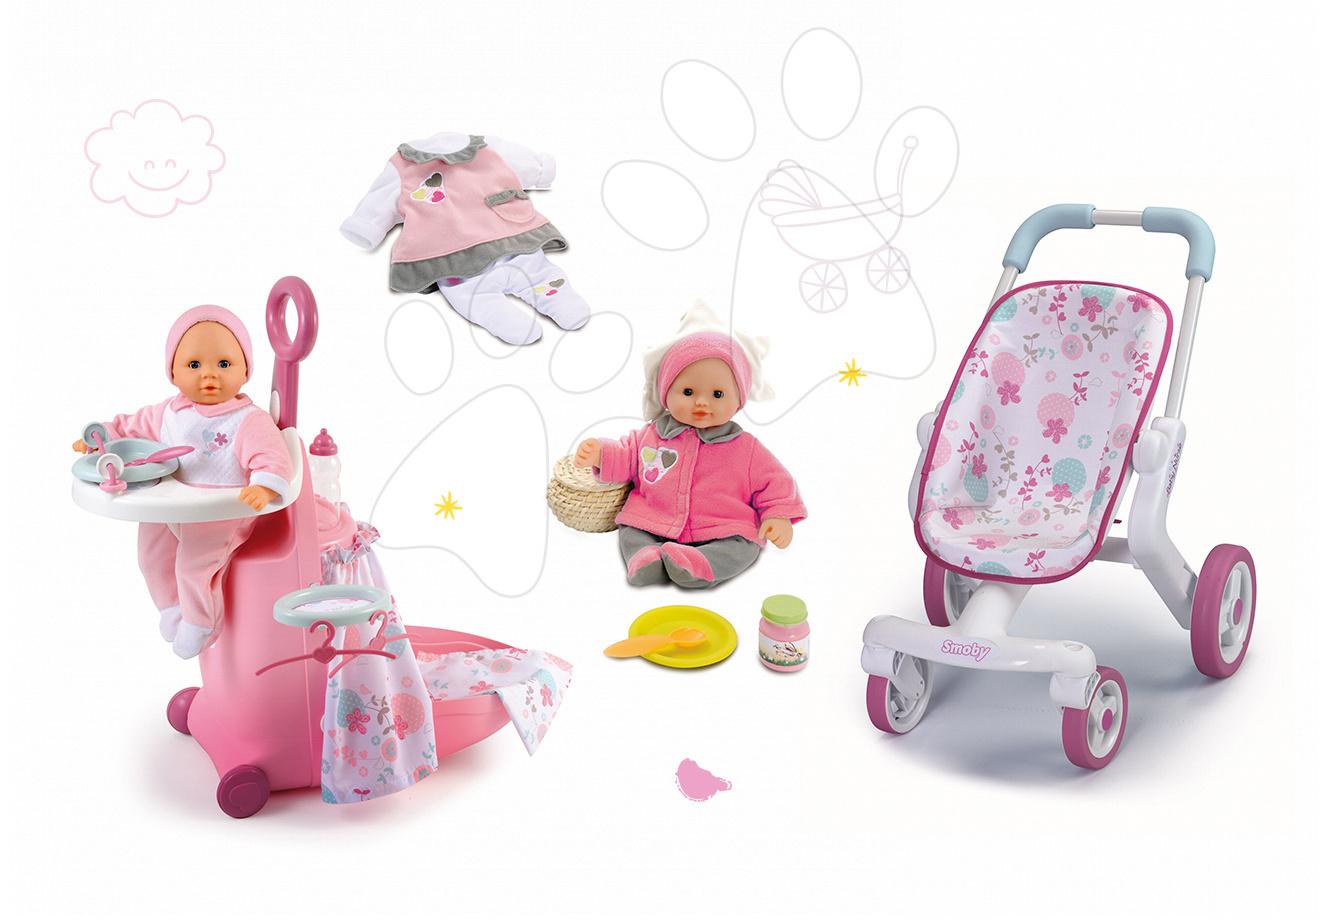 Babakocsi és játékbaba Smoby babacenterrel bőrӧndben 14be3e448e